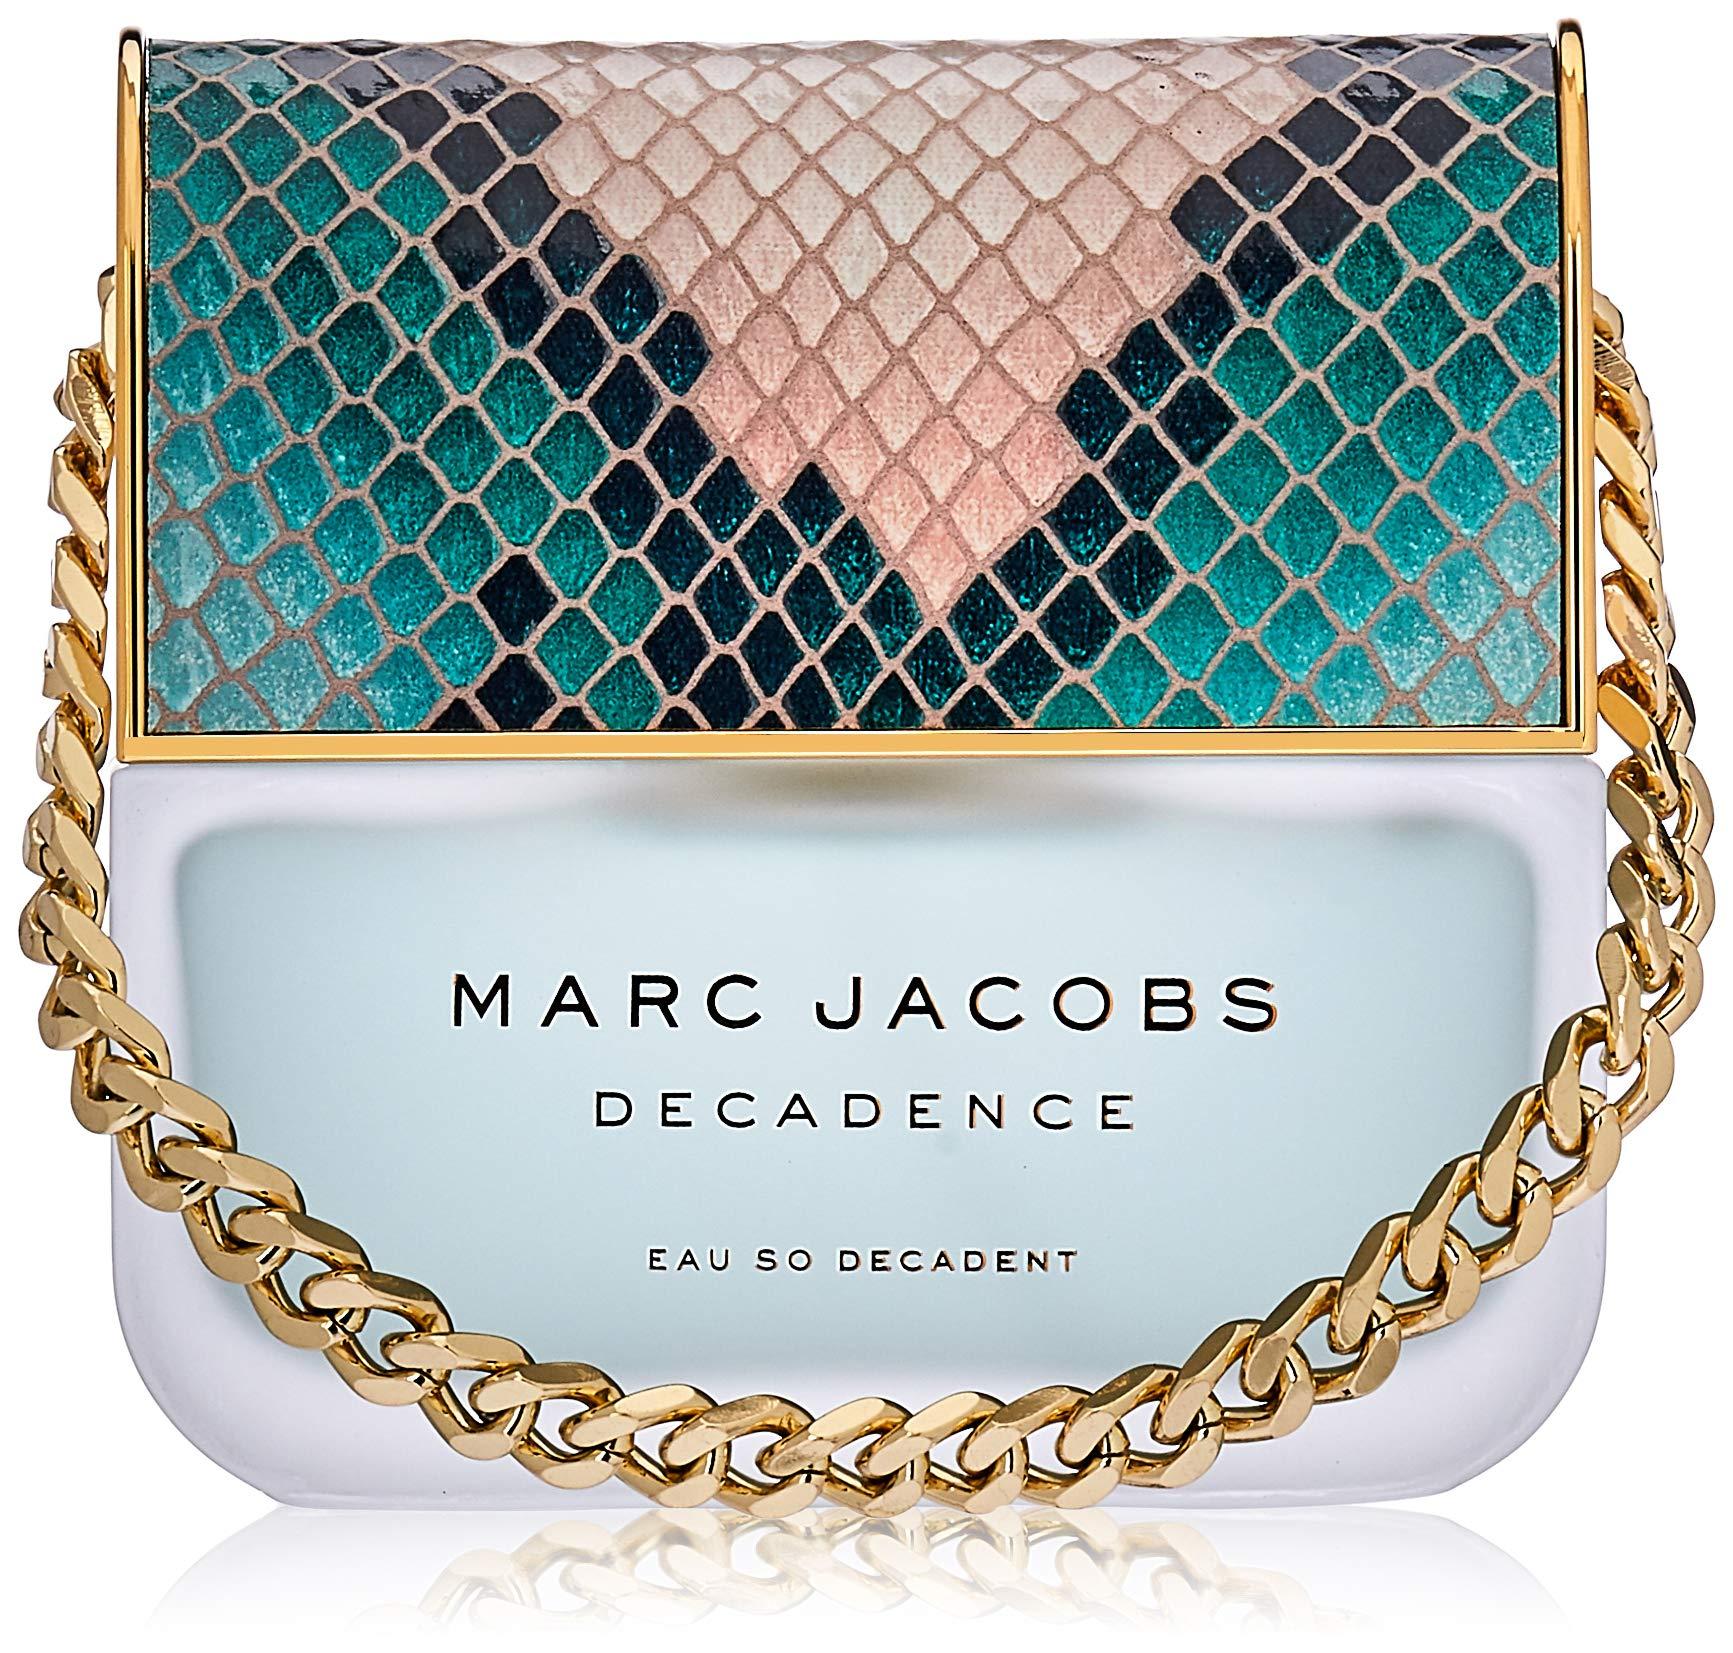 ویکالا · خرید  اصل اورجینال · خرید از آمازون · Marc Jacobs Decadence Eau So Decadent L 3.4 EDT SPRNEW wekala · ویکالا